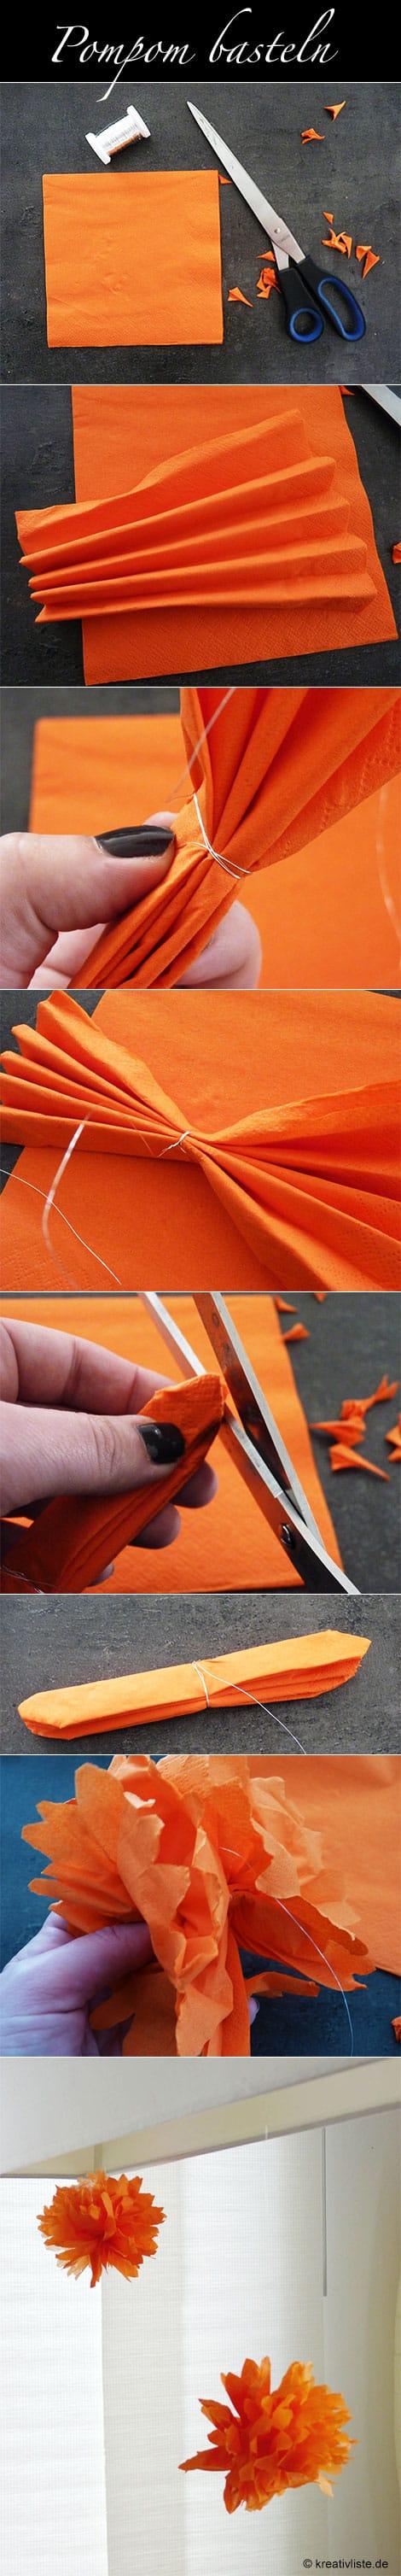 Pompoms basteln mit einer Papierserviette